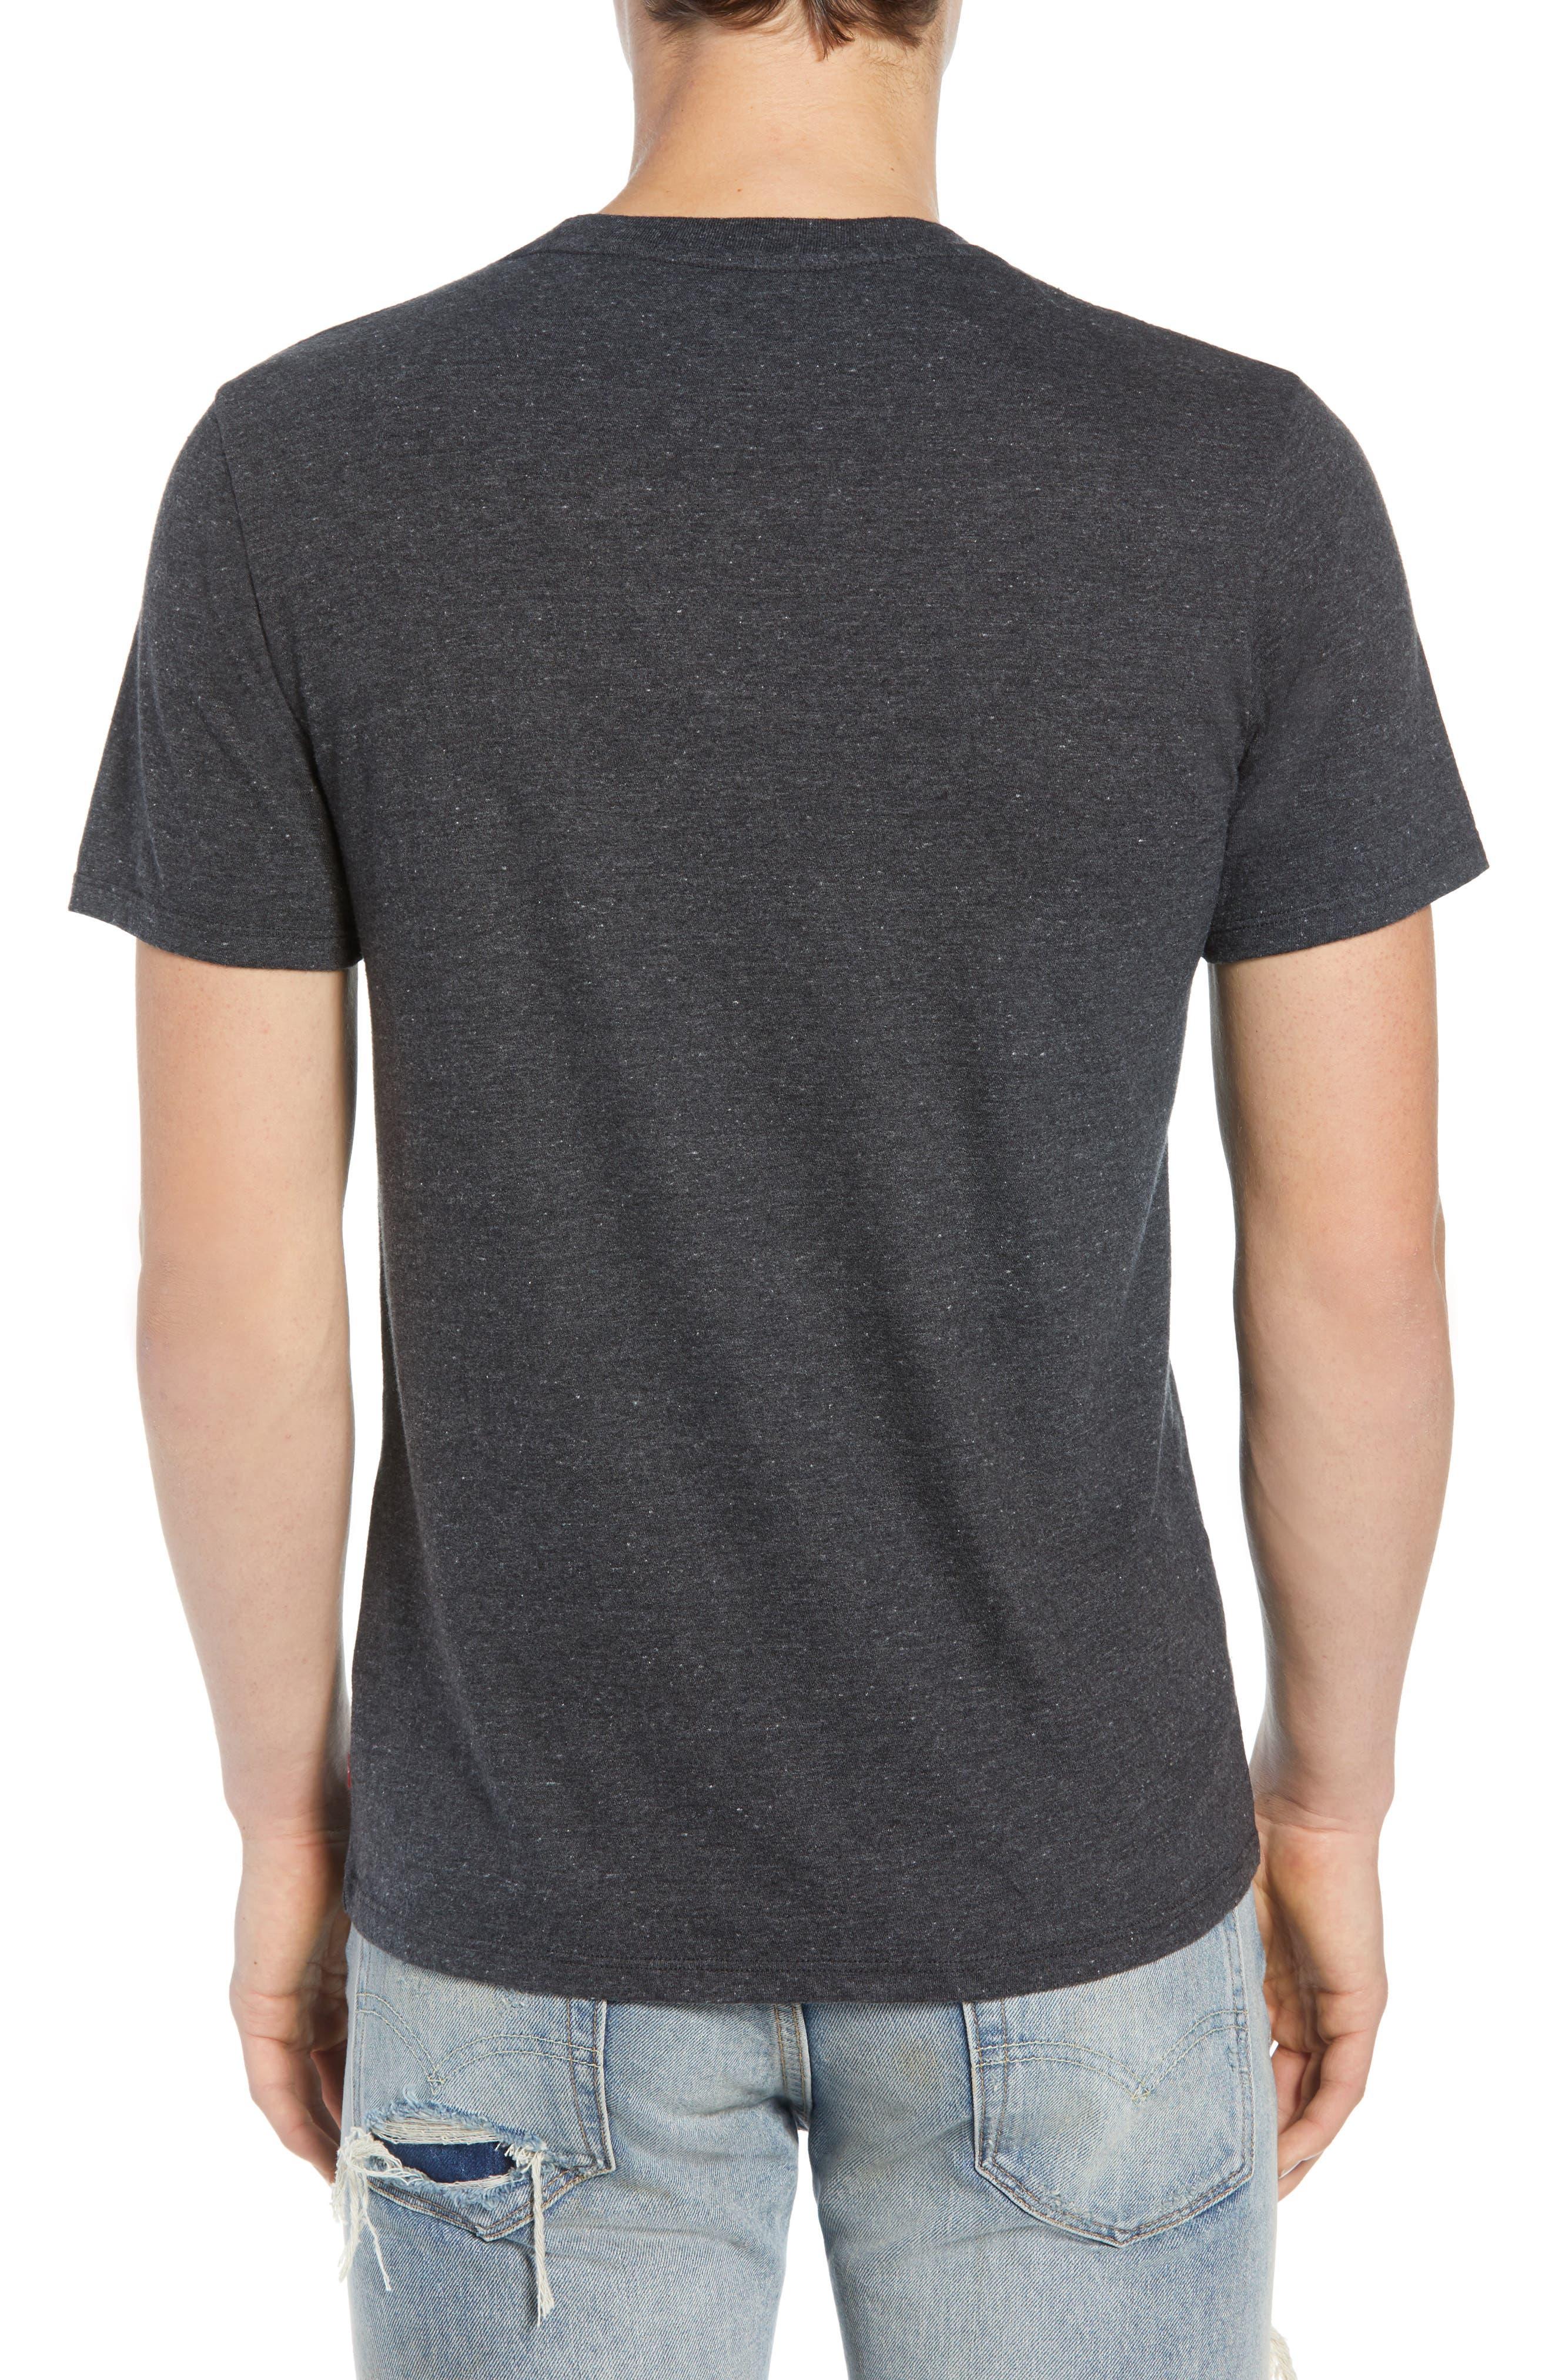 Housemark Logo T-Shirt,                             Alternate thumbnail 2, color,                             Black